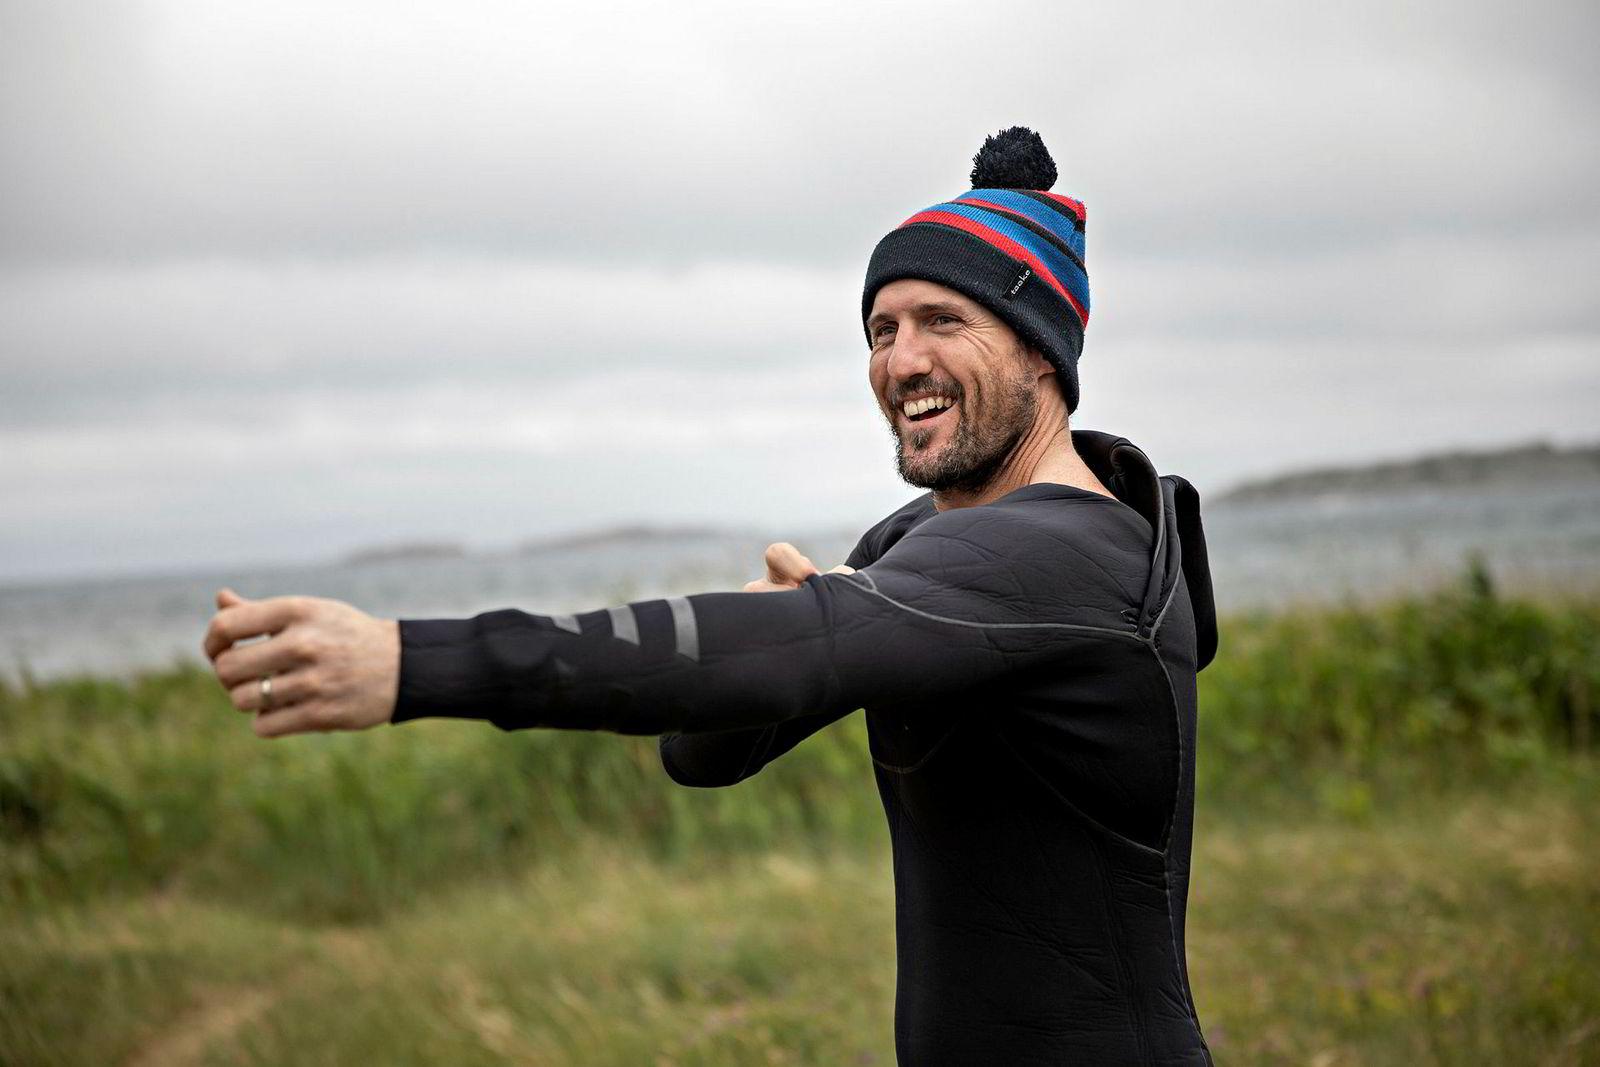 Blaze Coles har fått fri fra familielivet for ettermiddagen. For han er kiting den perfekte kombinasjonen av sporter som tar opp i seg elementer både fra surfing og wakeboarding.